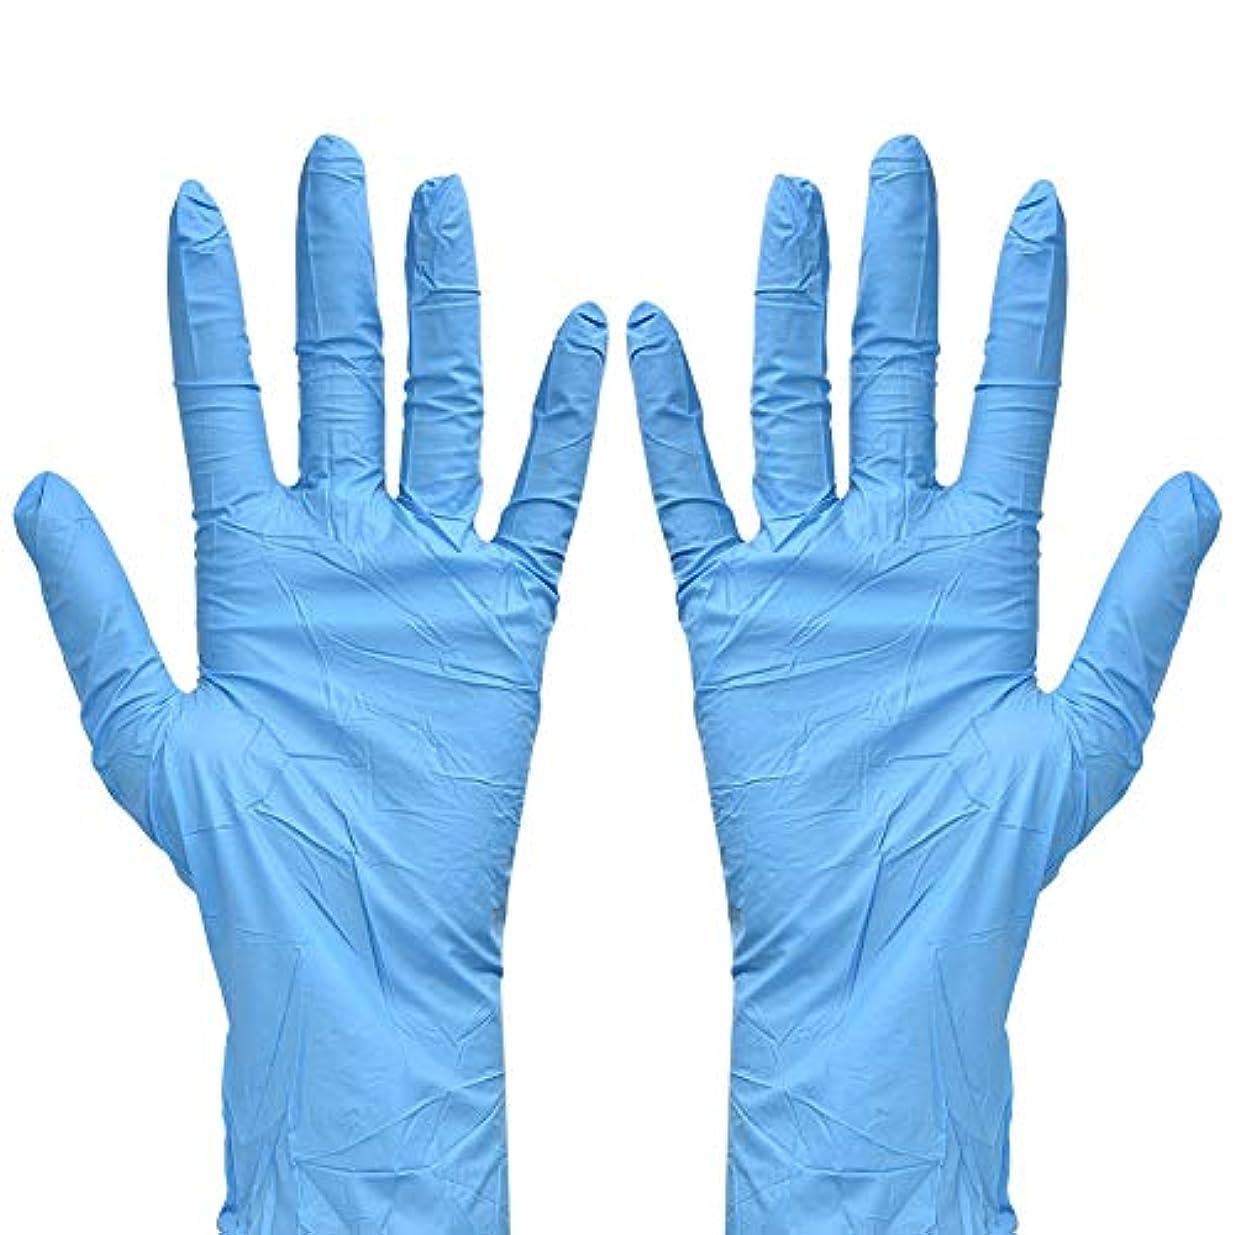 可能性試用ドラッグ50個 - 使い捨て手袋 - 研究室用ニトリル作業用安全手袋、ホーム、キッチン、パウダーフリー、滑り止め(S)